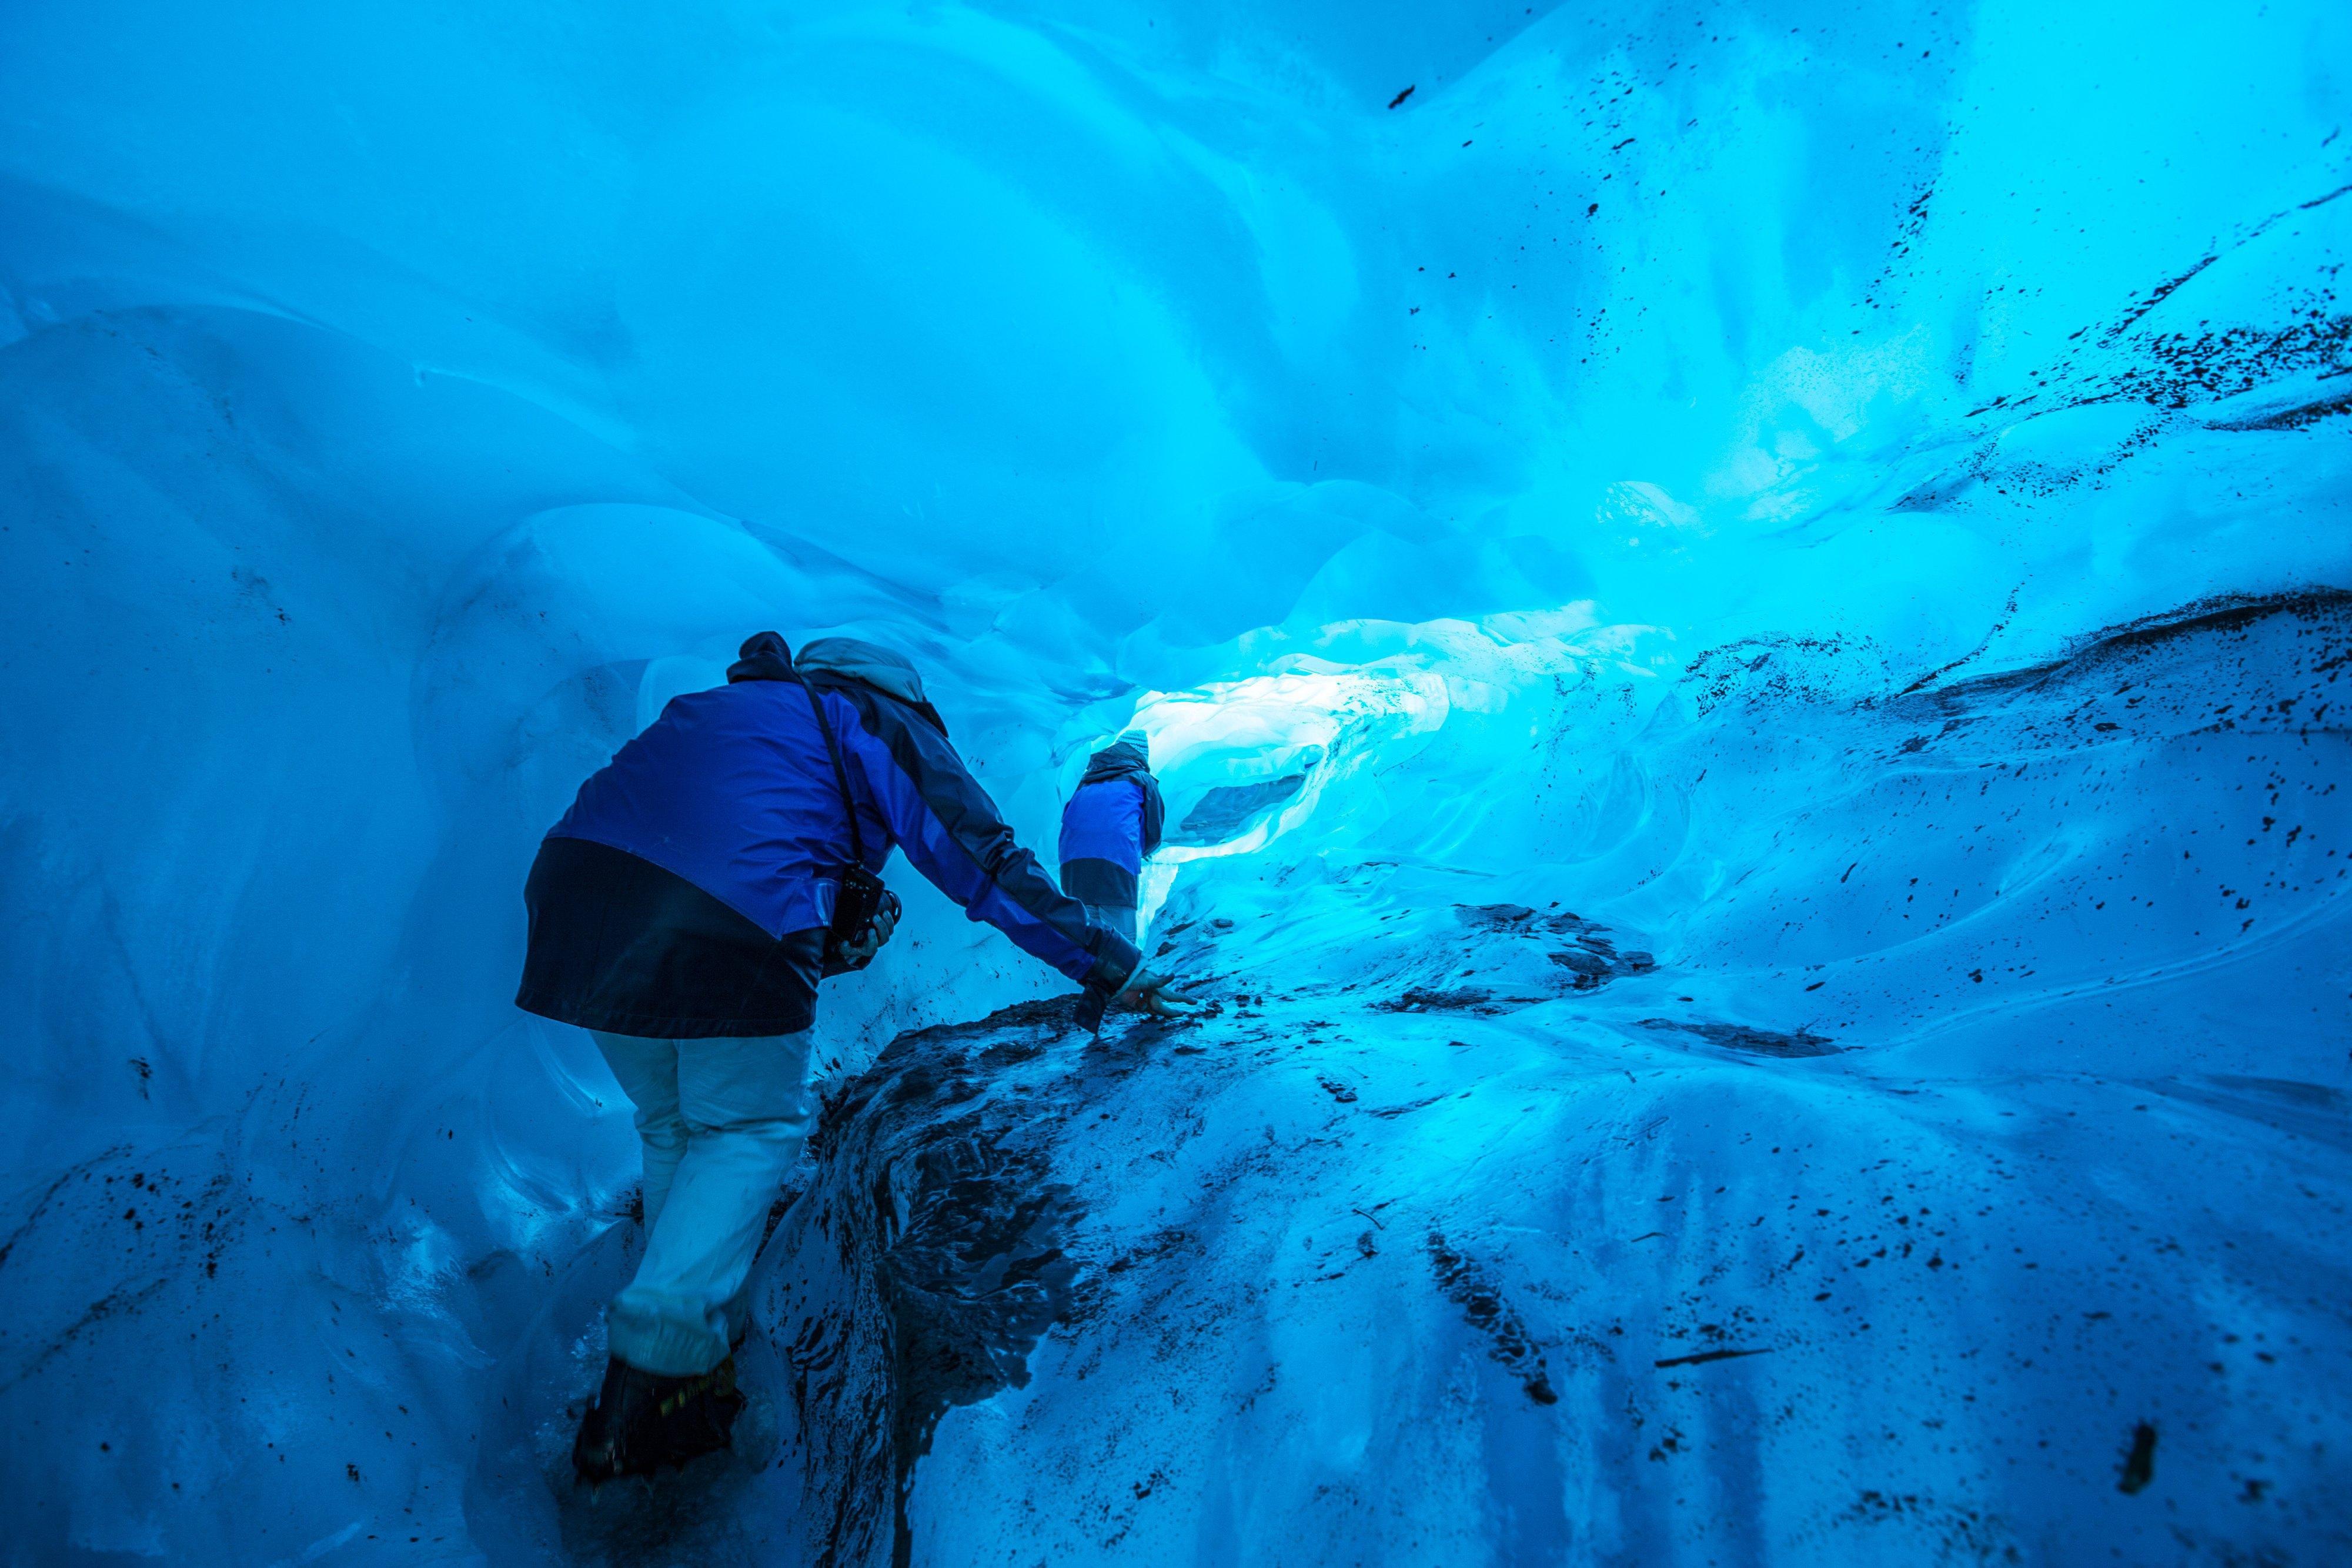 福克斯冰河  Fox Glacier   -1